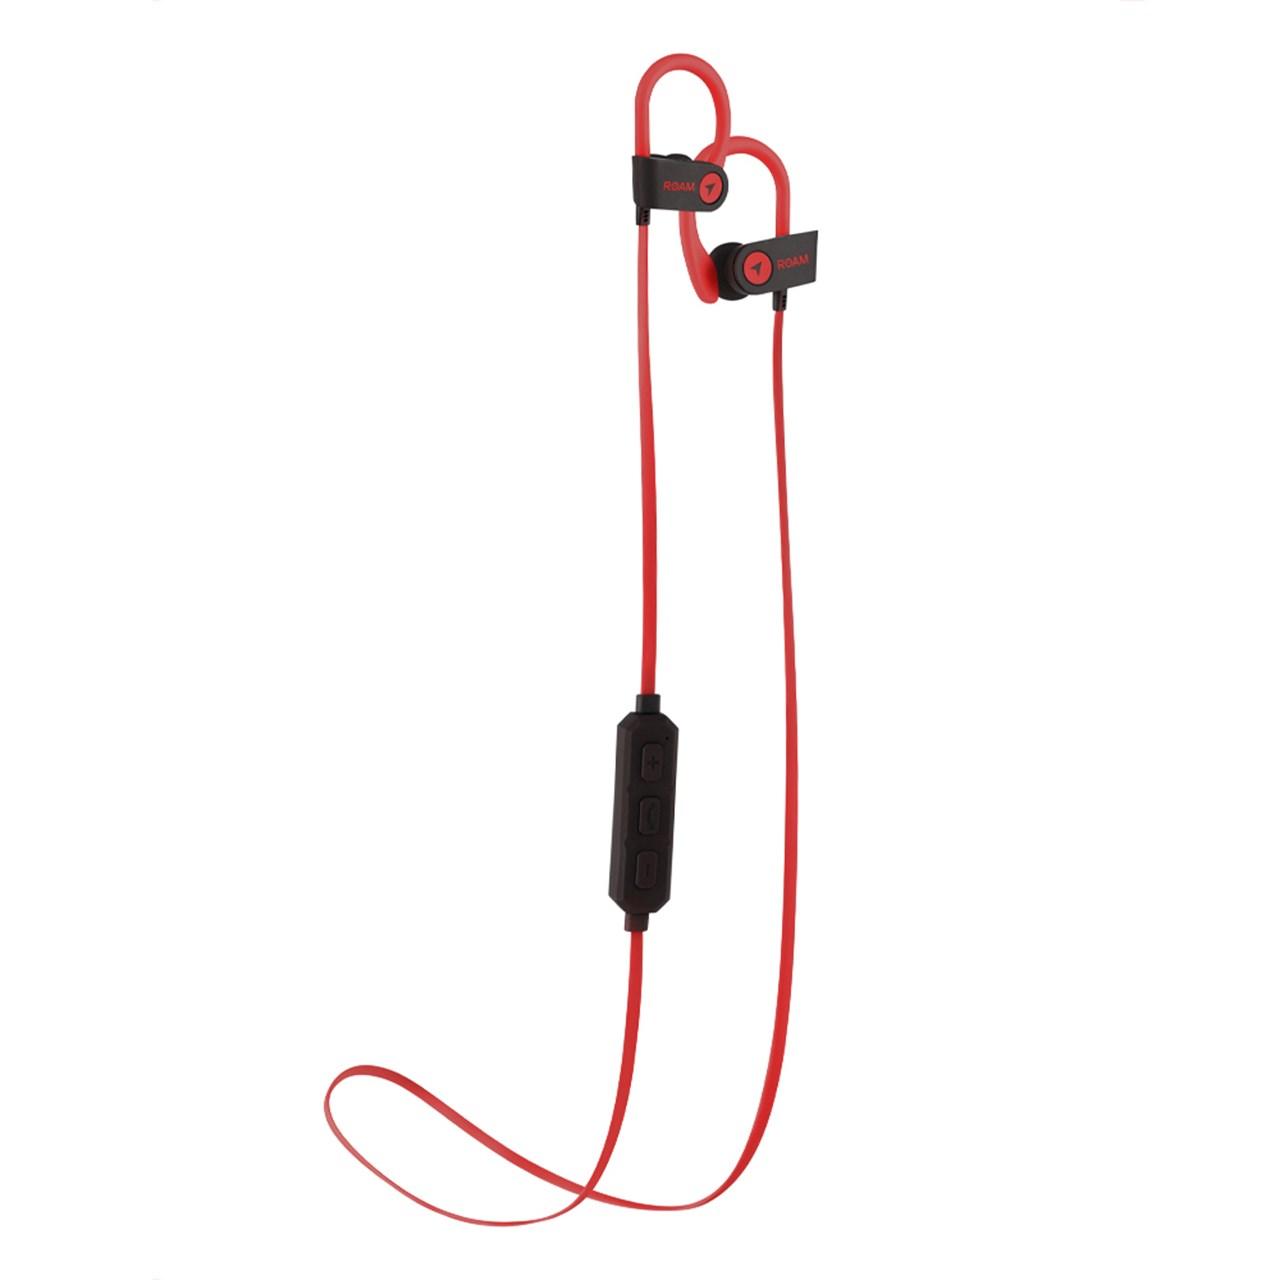 Roam Sport Ear Hook Red Bluetooth Earphones - 1